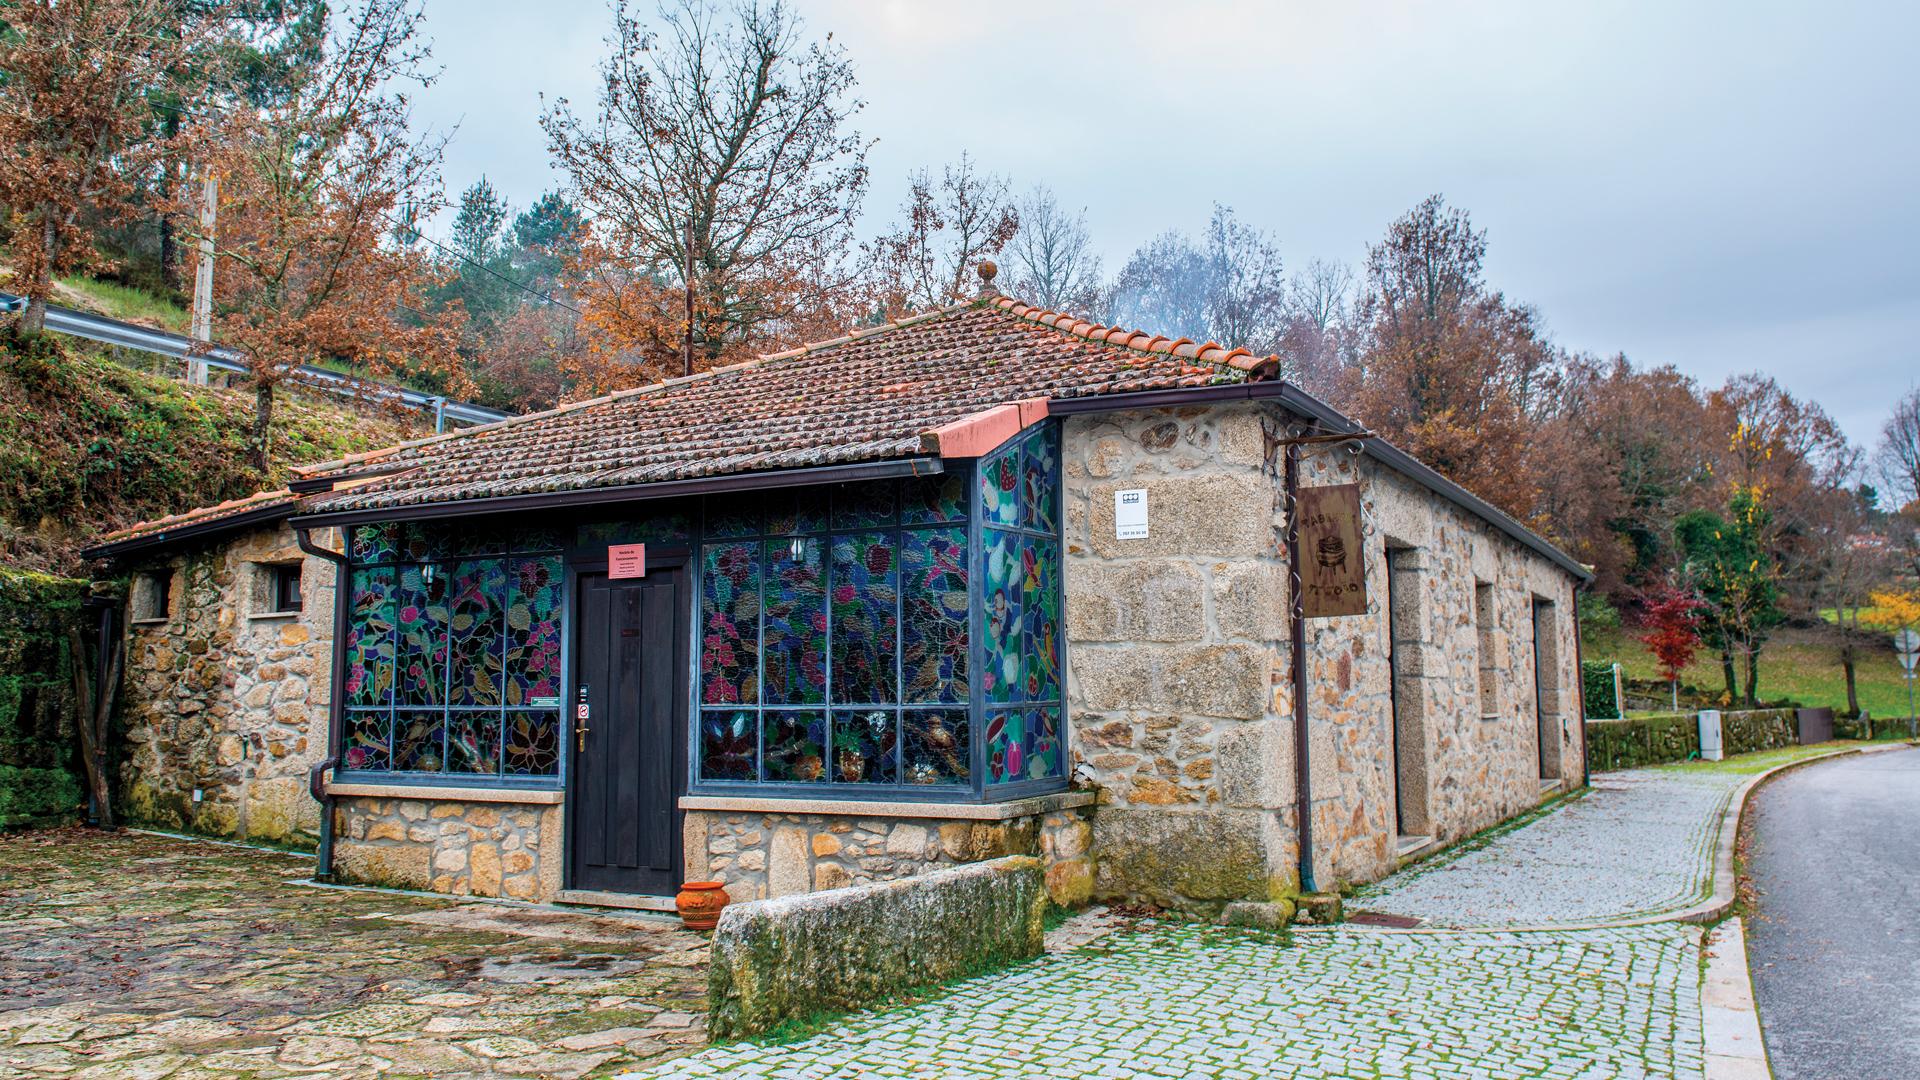 Exterior e entrada da Casa Ti João. Casa de pedra e entrada com vitrais coloridos.